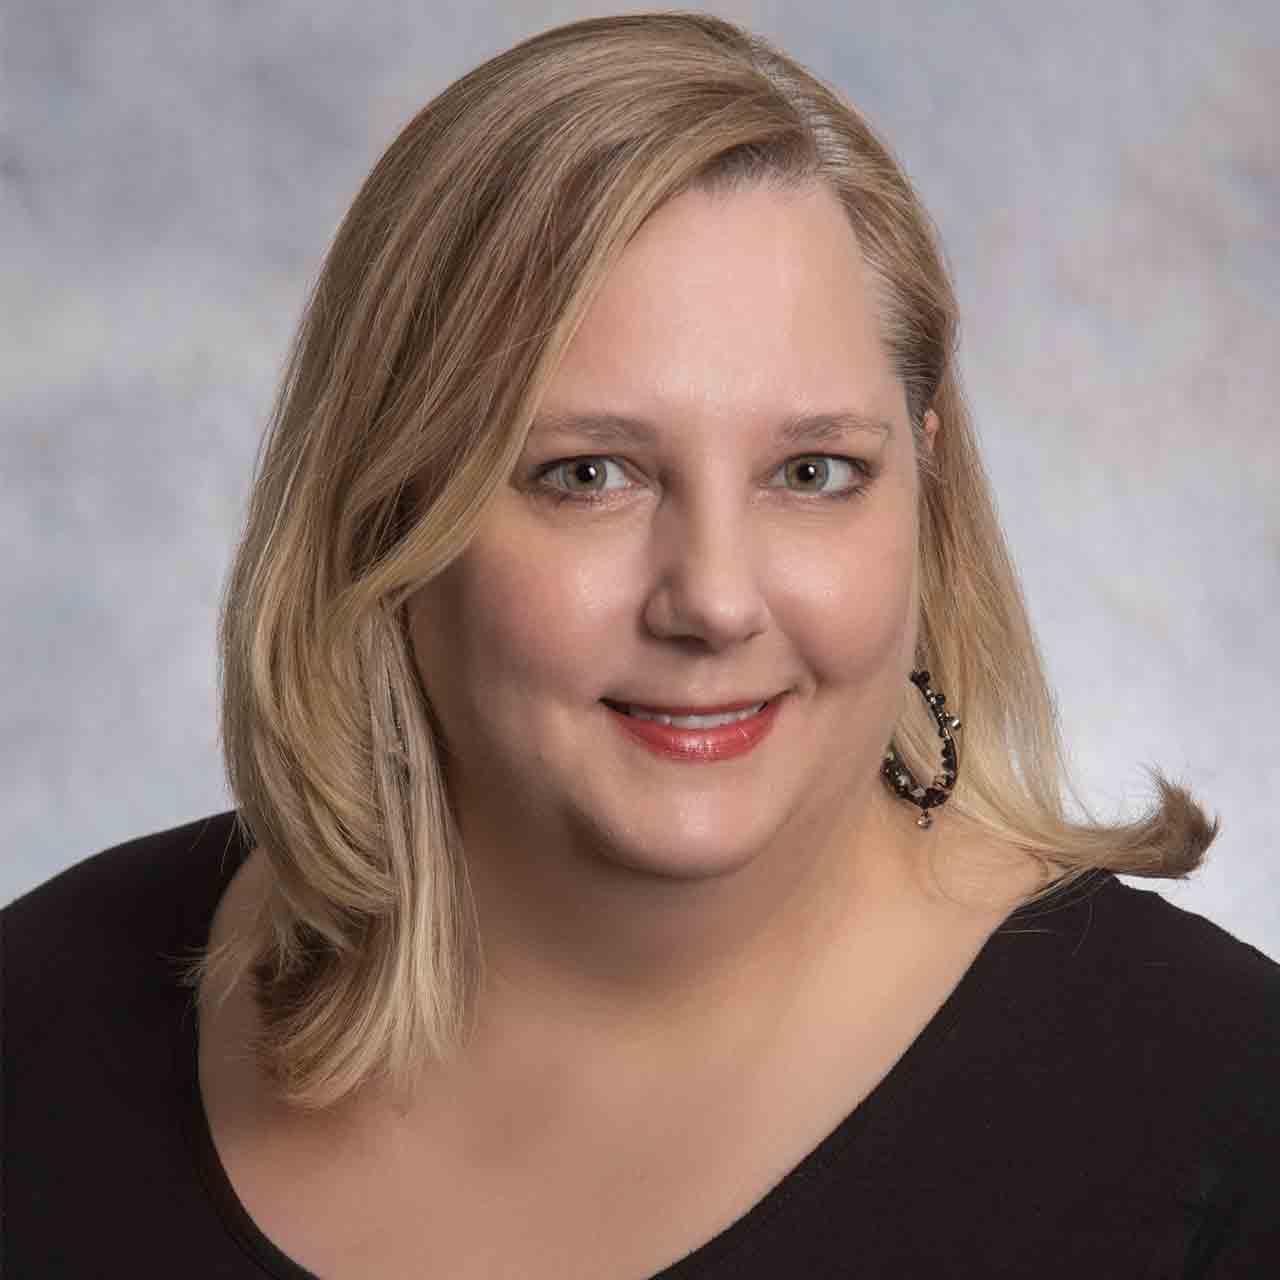 Anna Lineberger